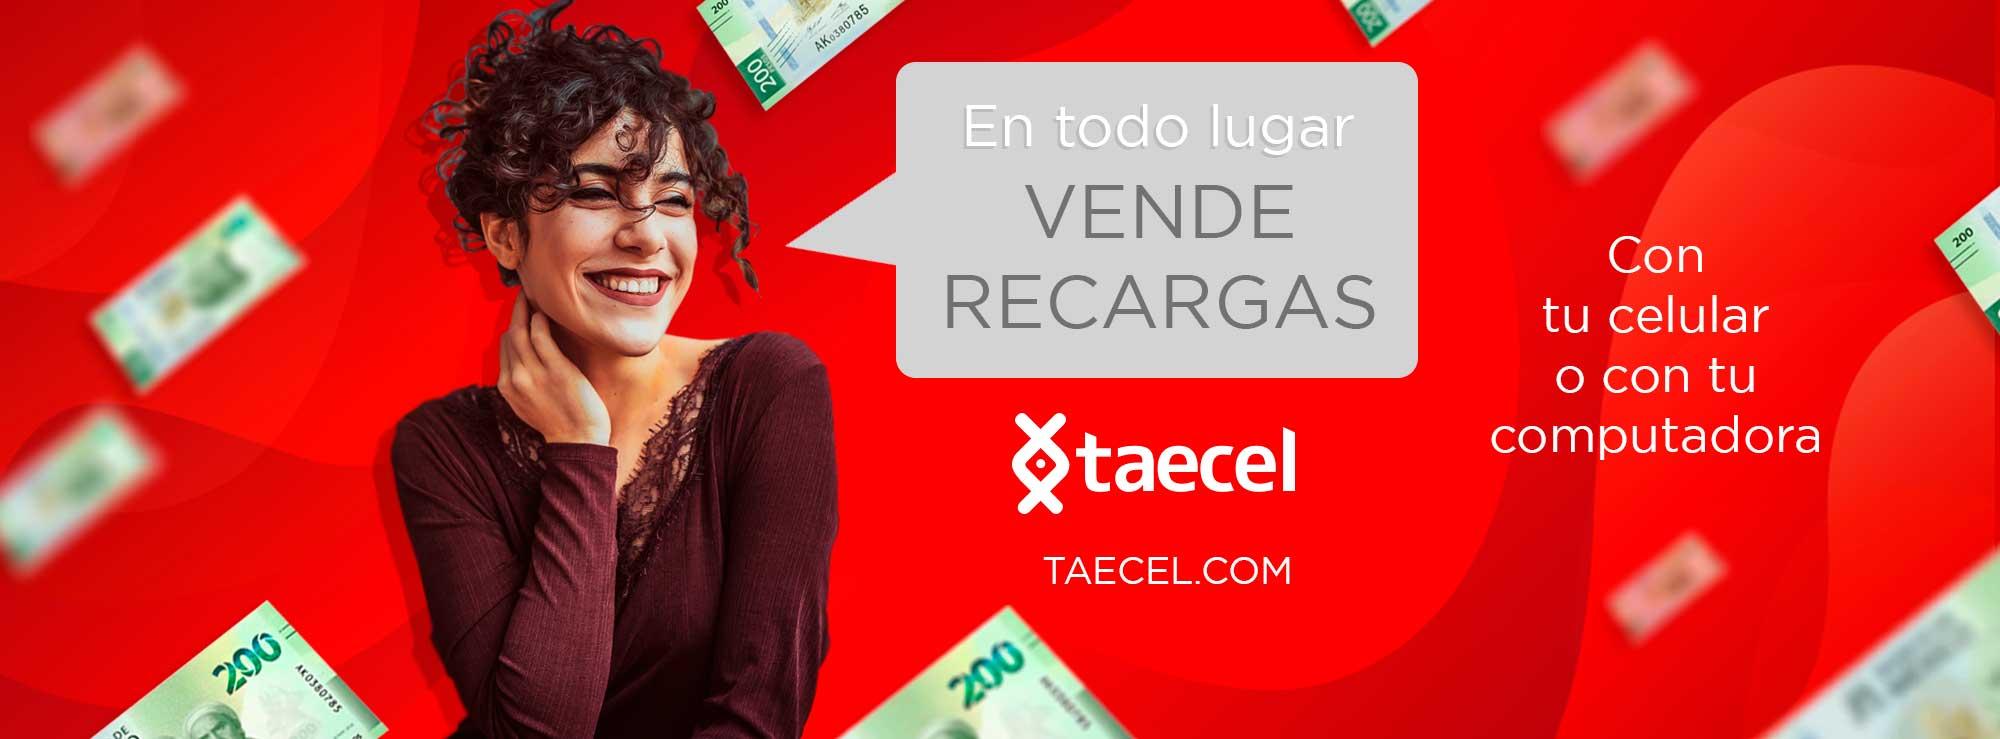 ¿Cómo realizar una recarga de Telcel?, recargas Telcel